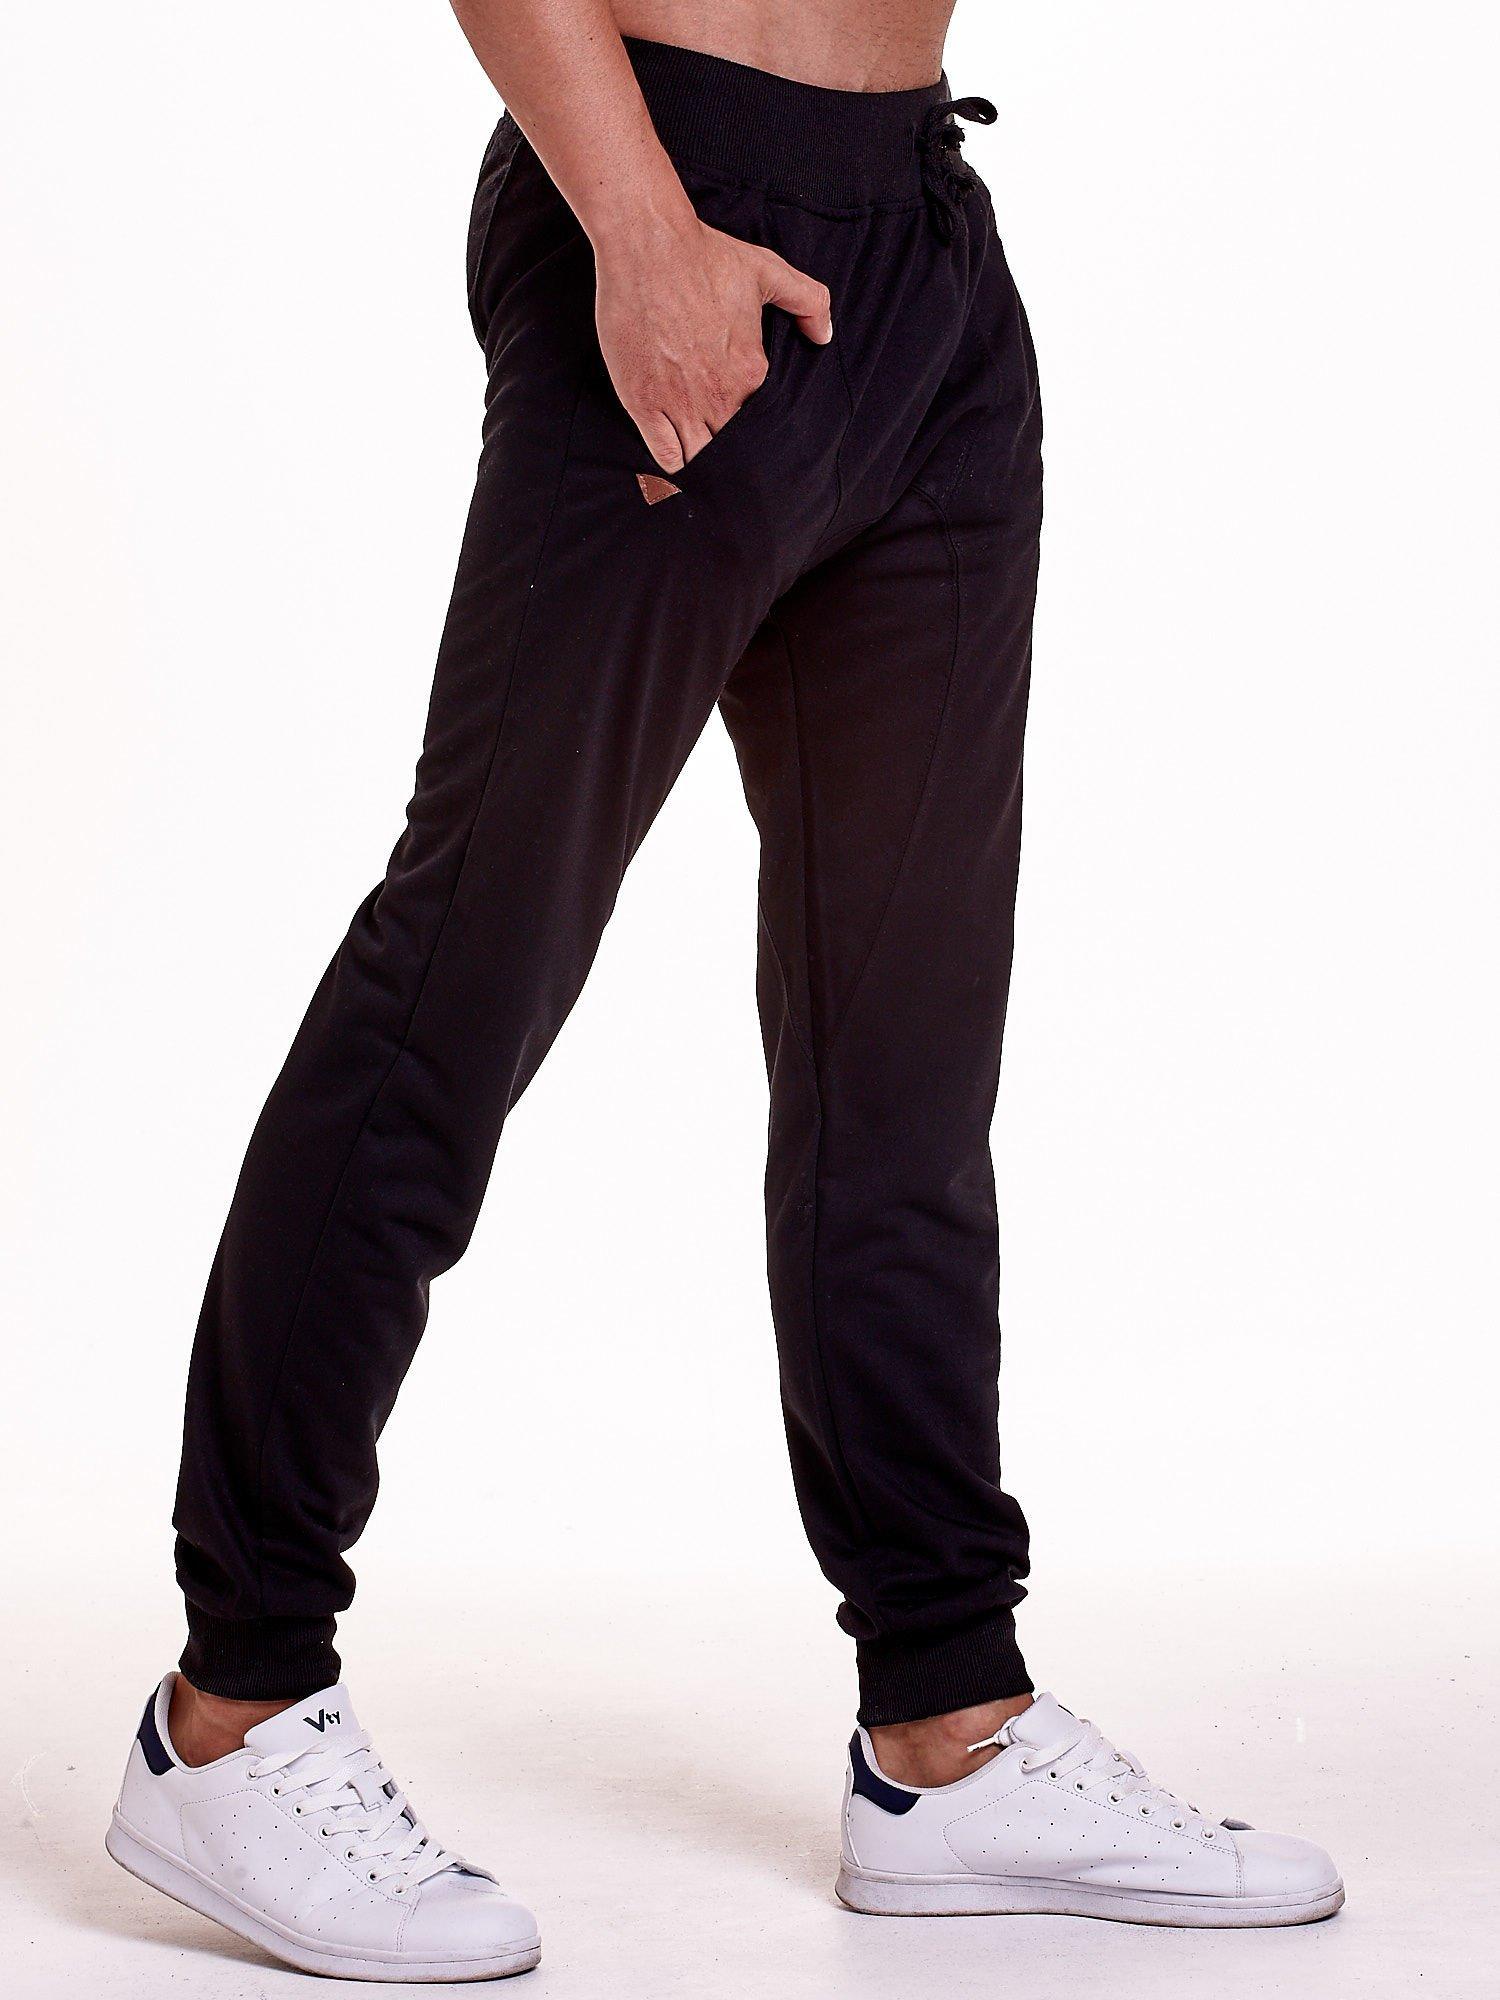 Czarne gładkie spodnie męskie ze skórzanymi wstawkami                                  zdj.                                  4